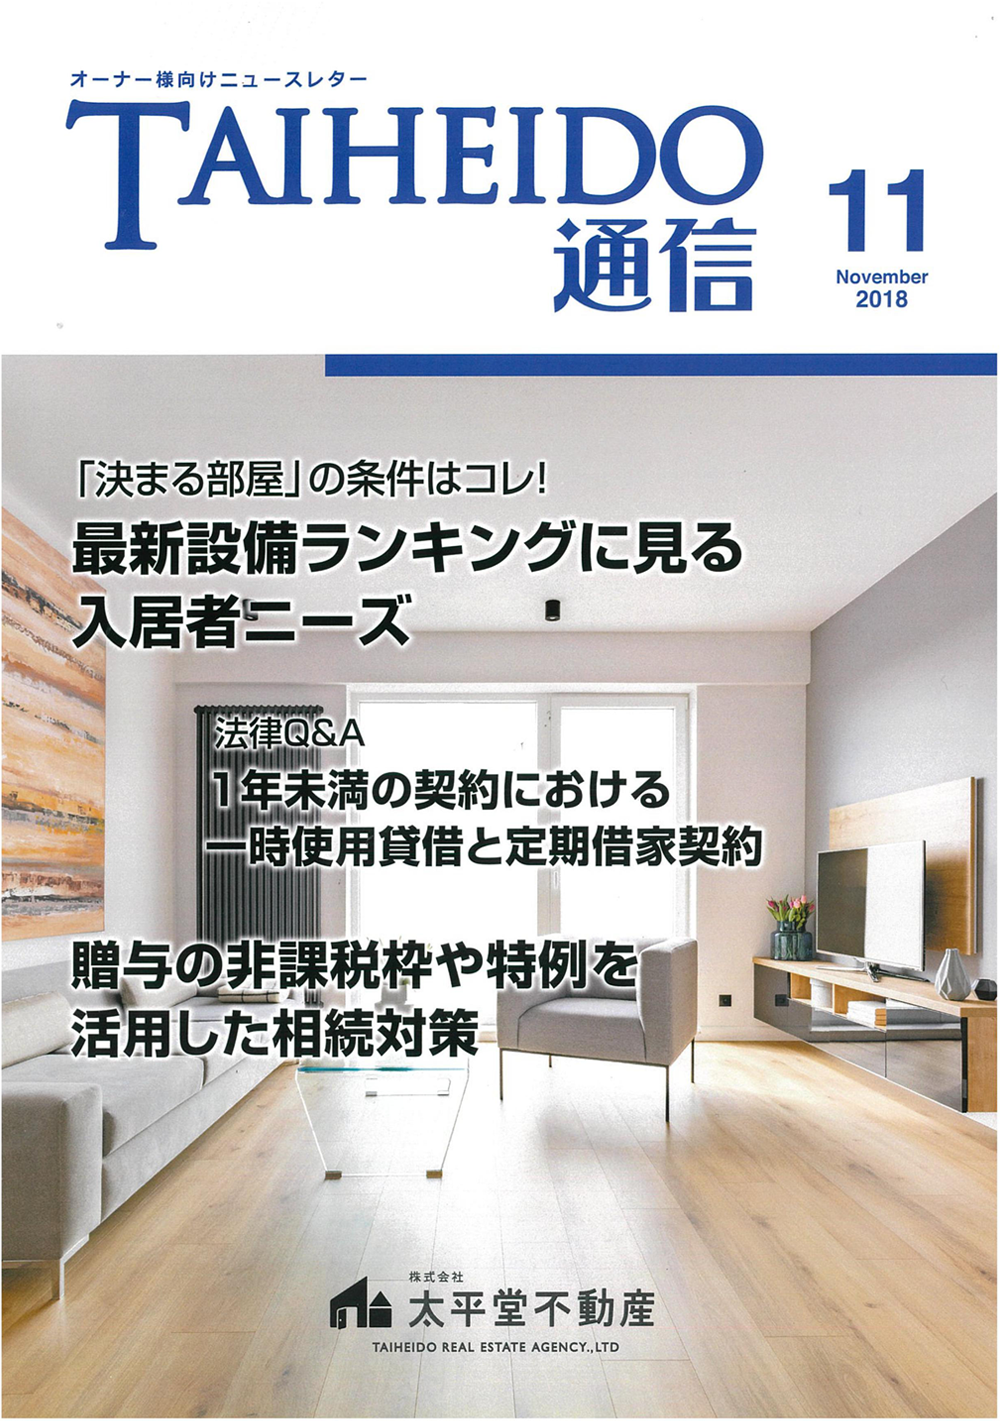 TAIHEIDO通信 11月